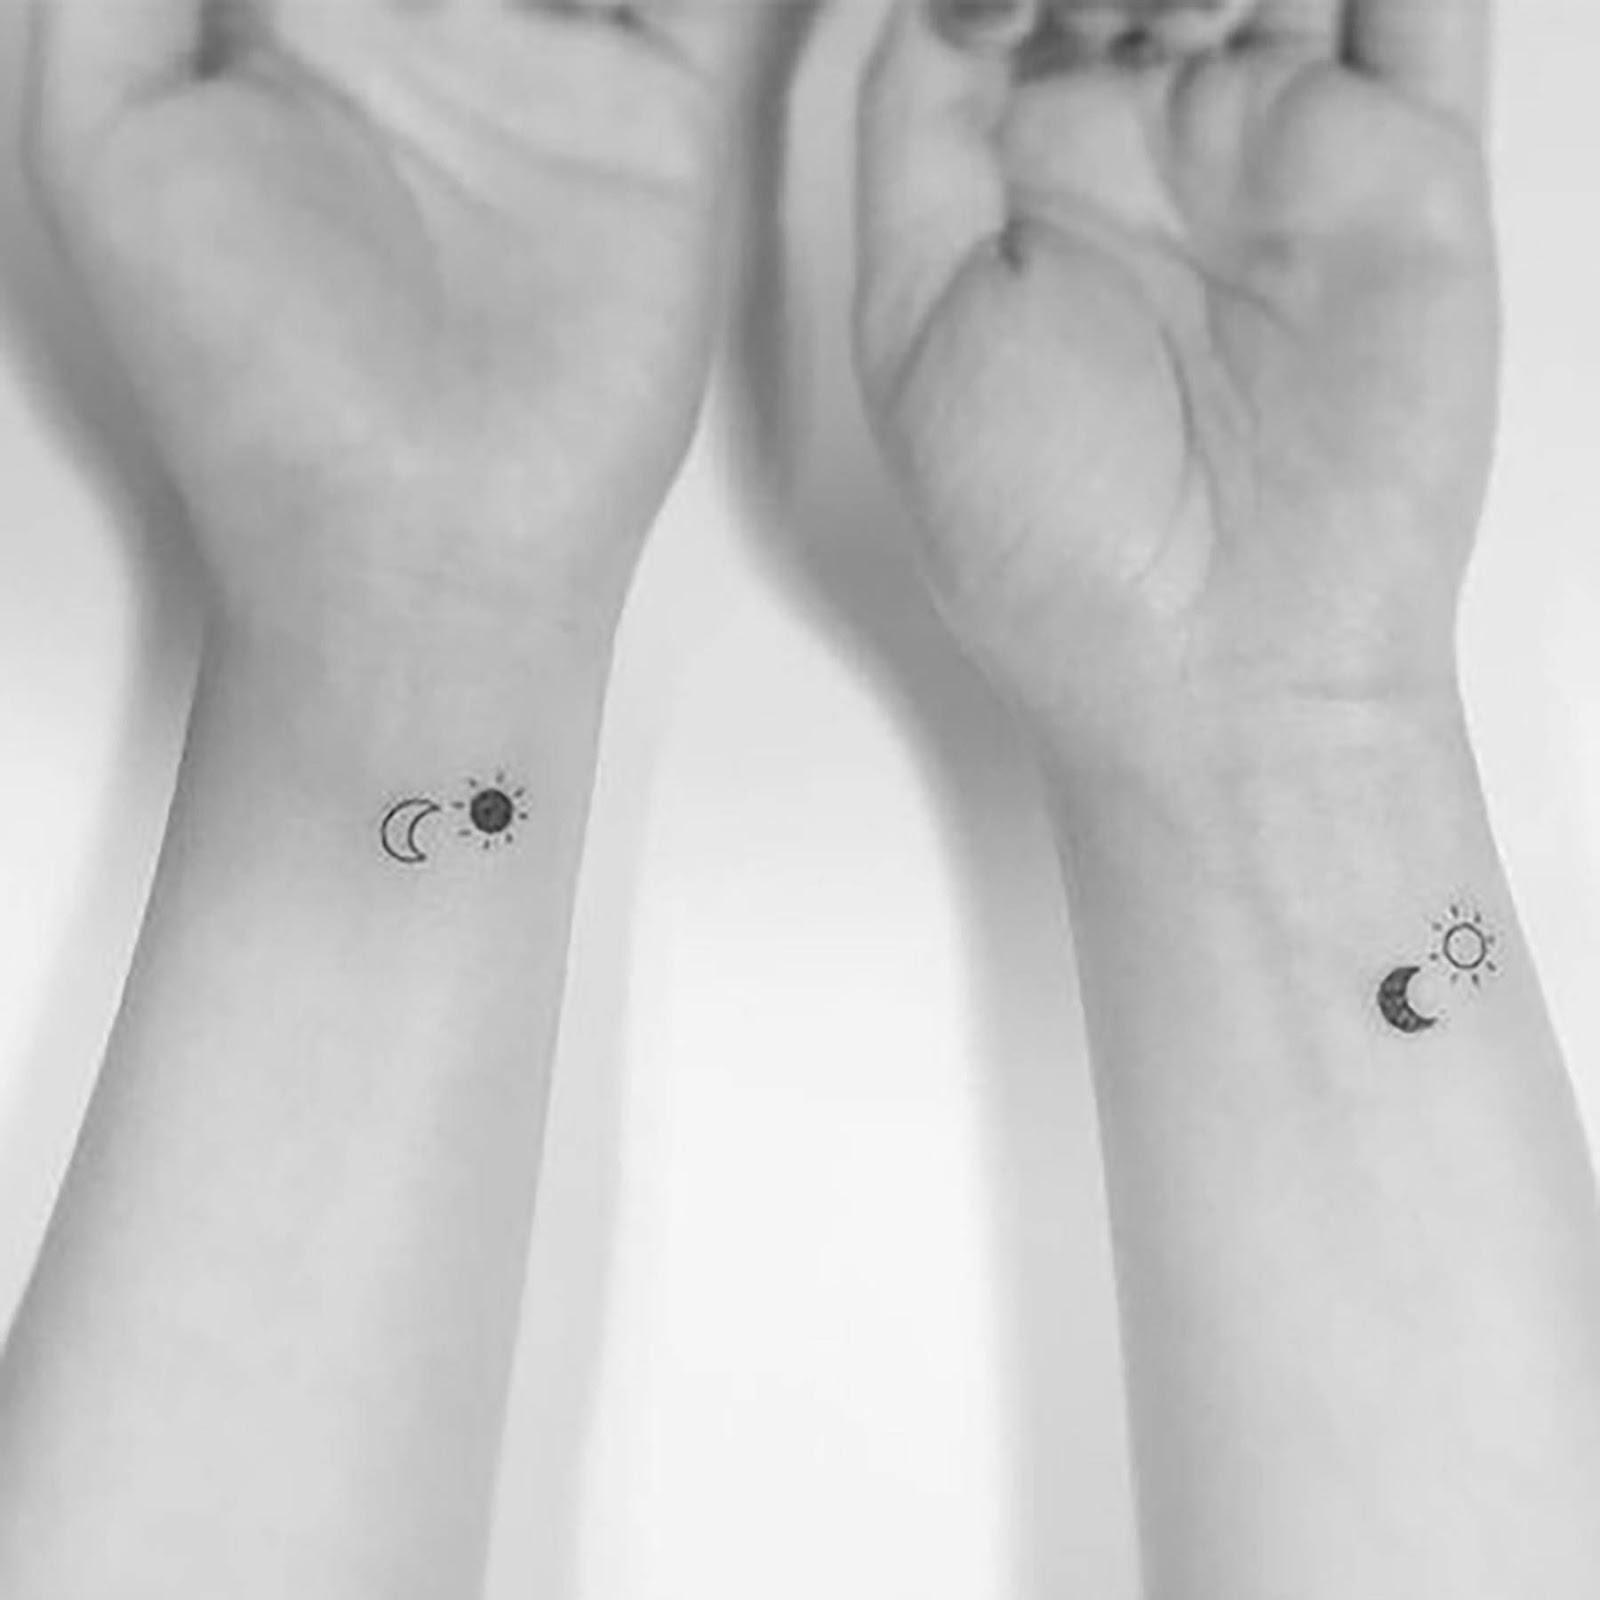 Girl Best Friend Matching Tattoos (2)